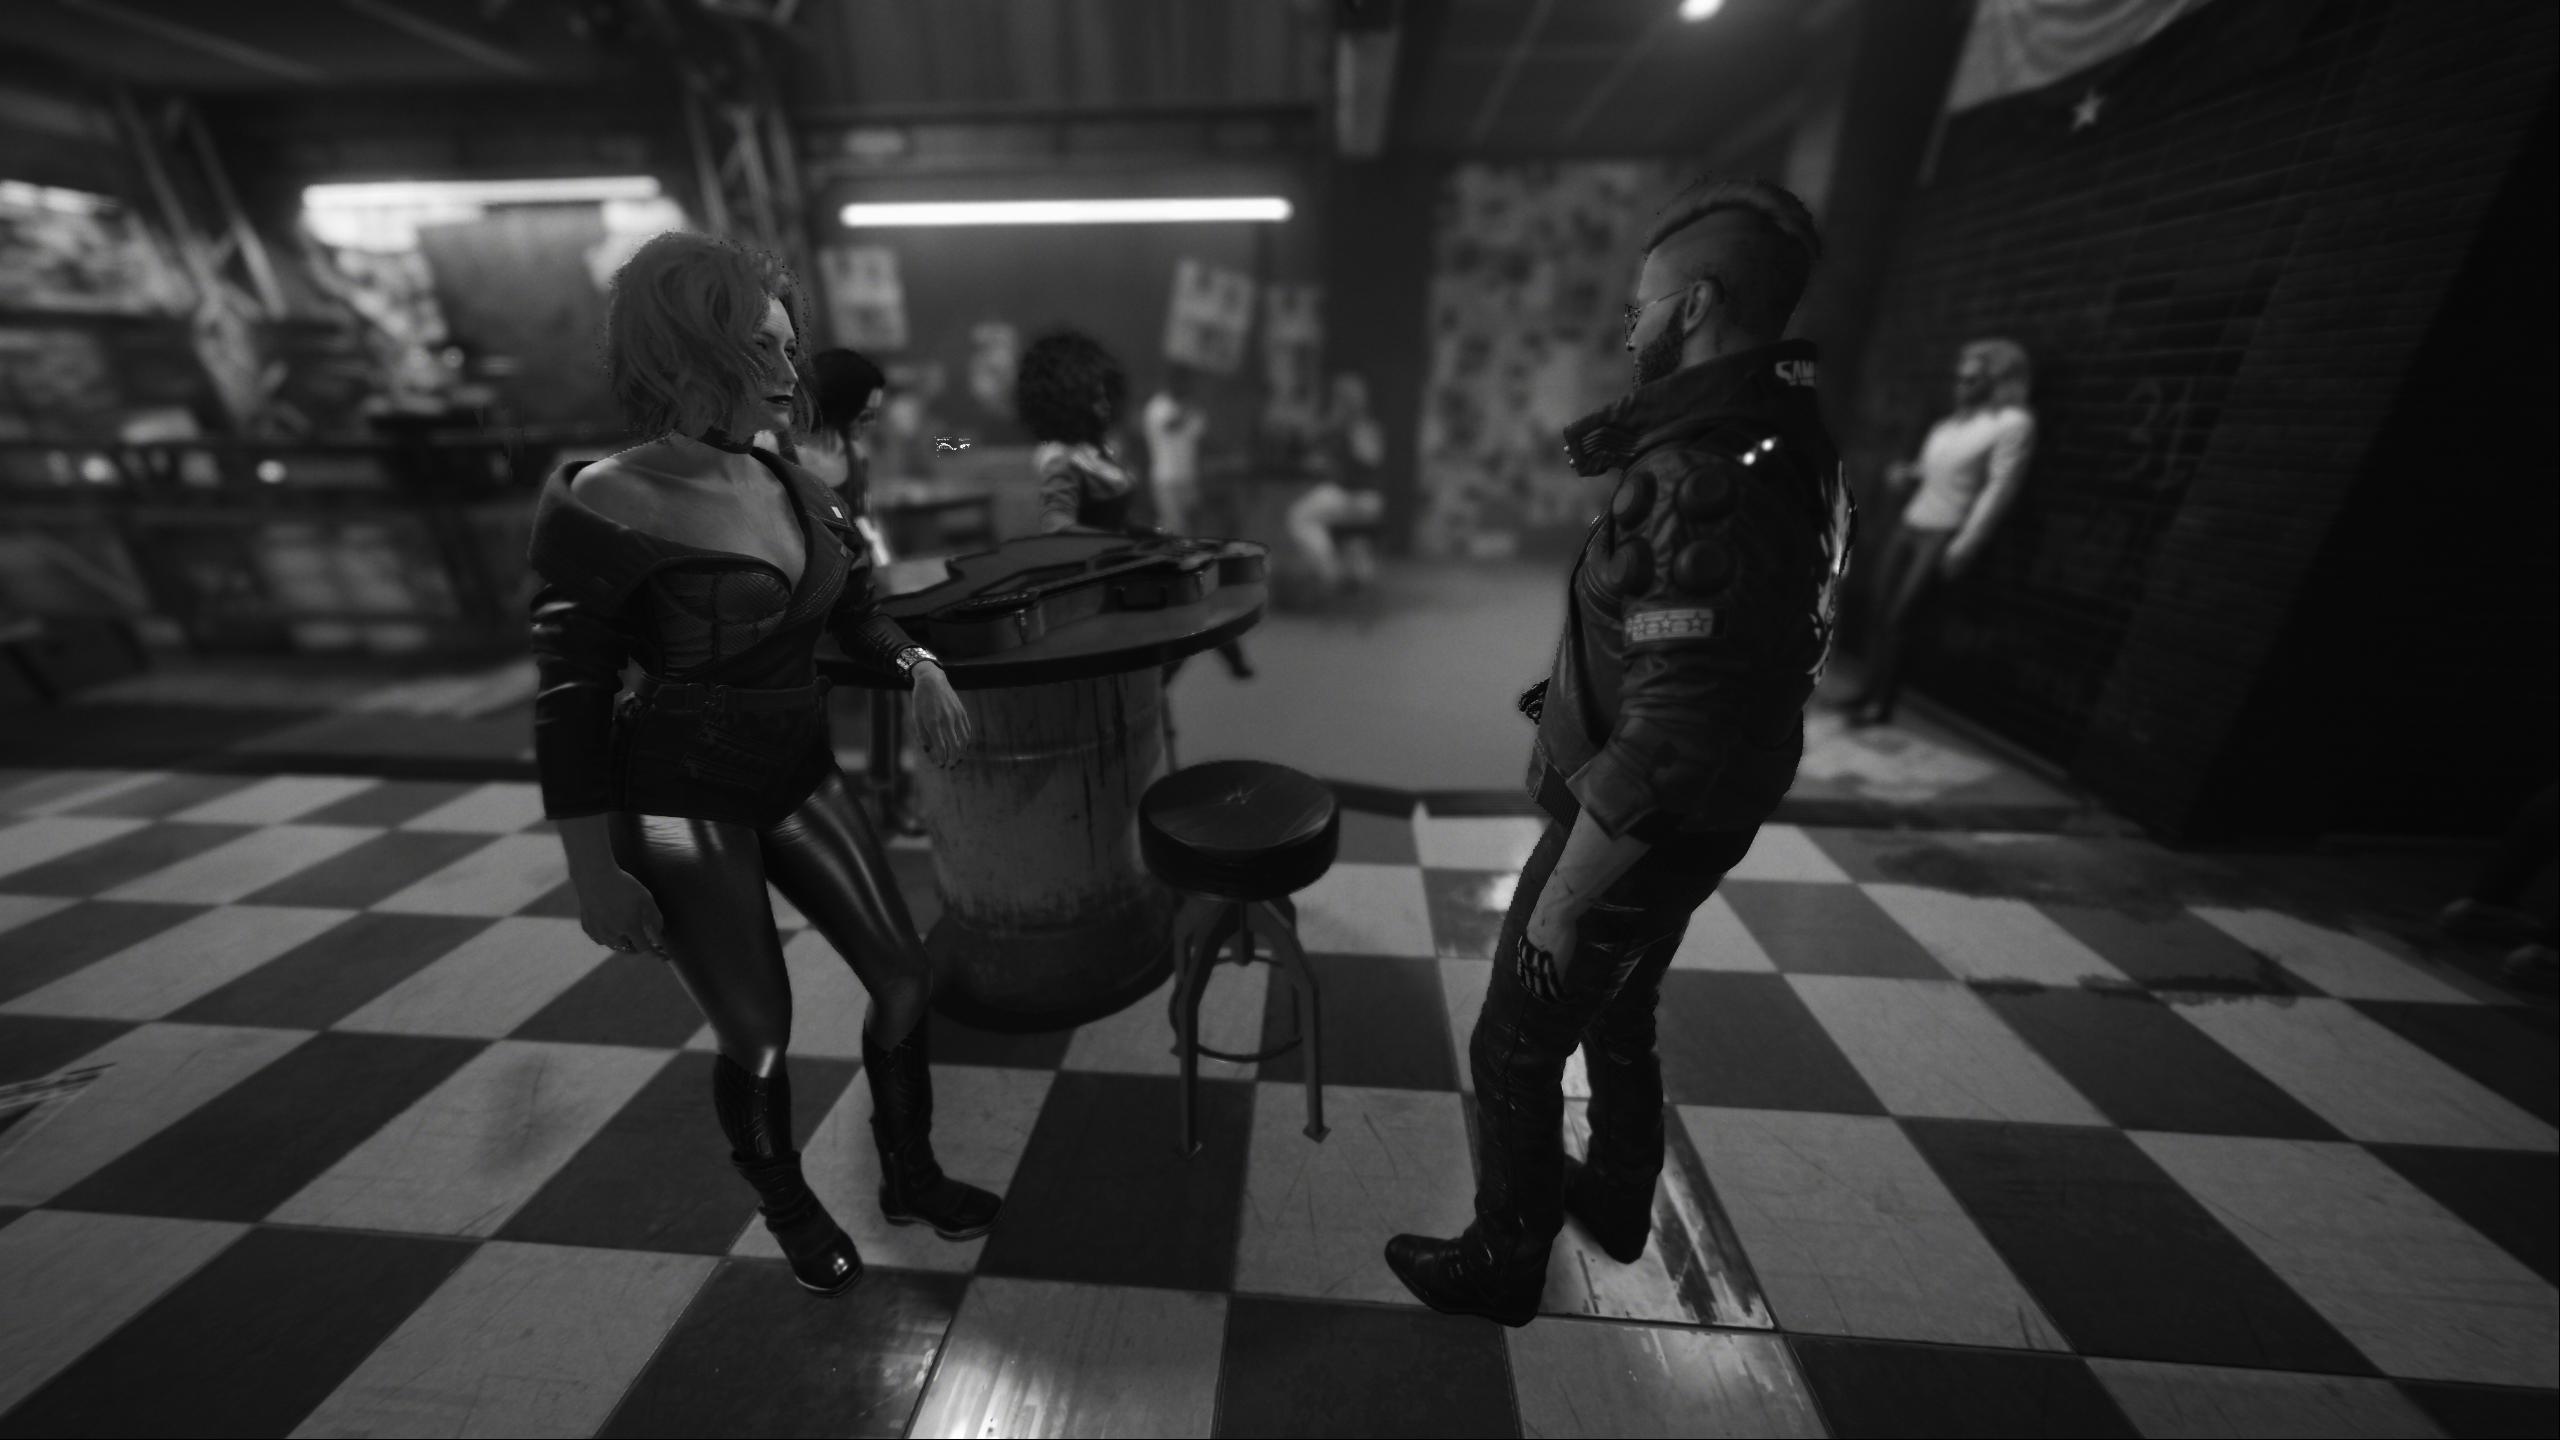 Дадим рока в этой дыре - Cyberpunk 2077